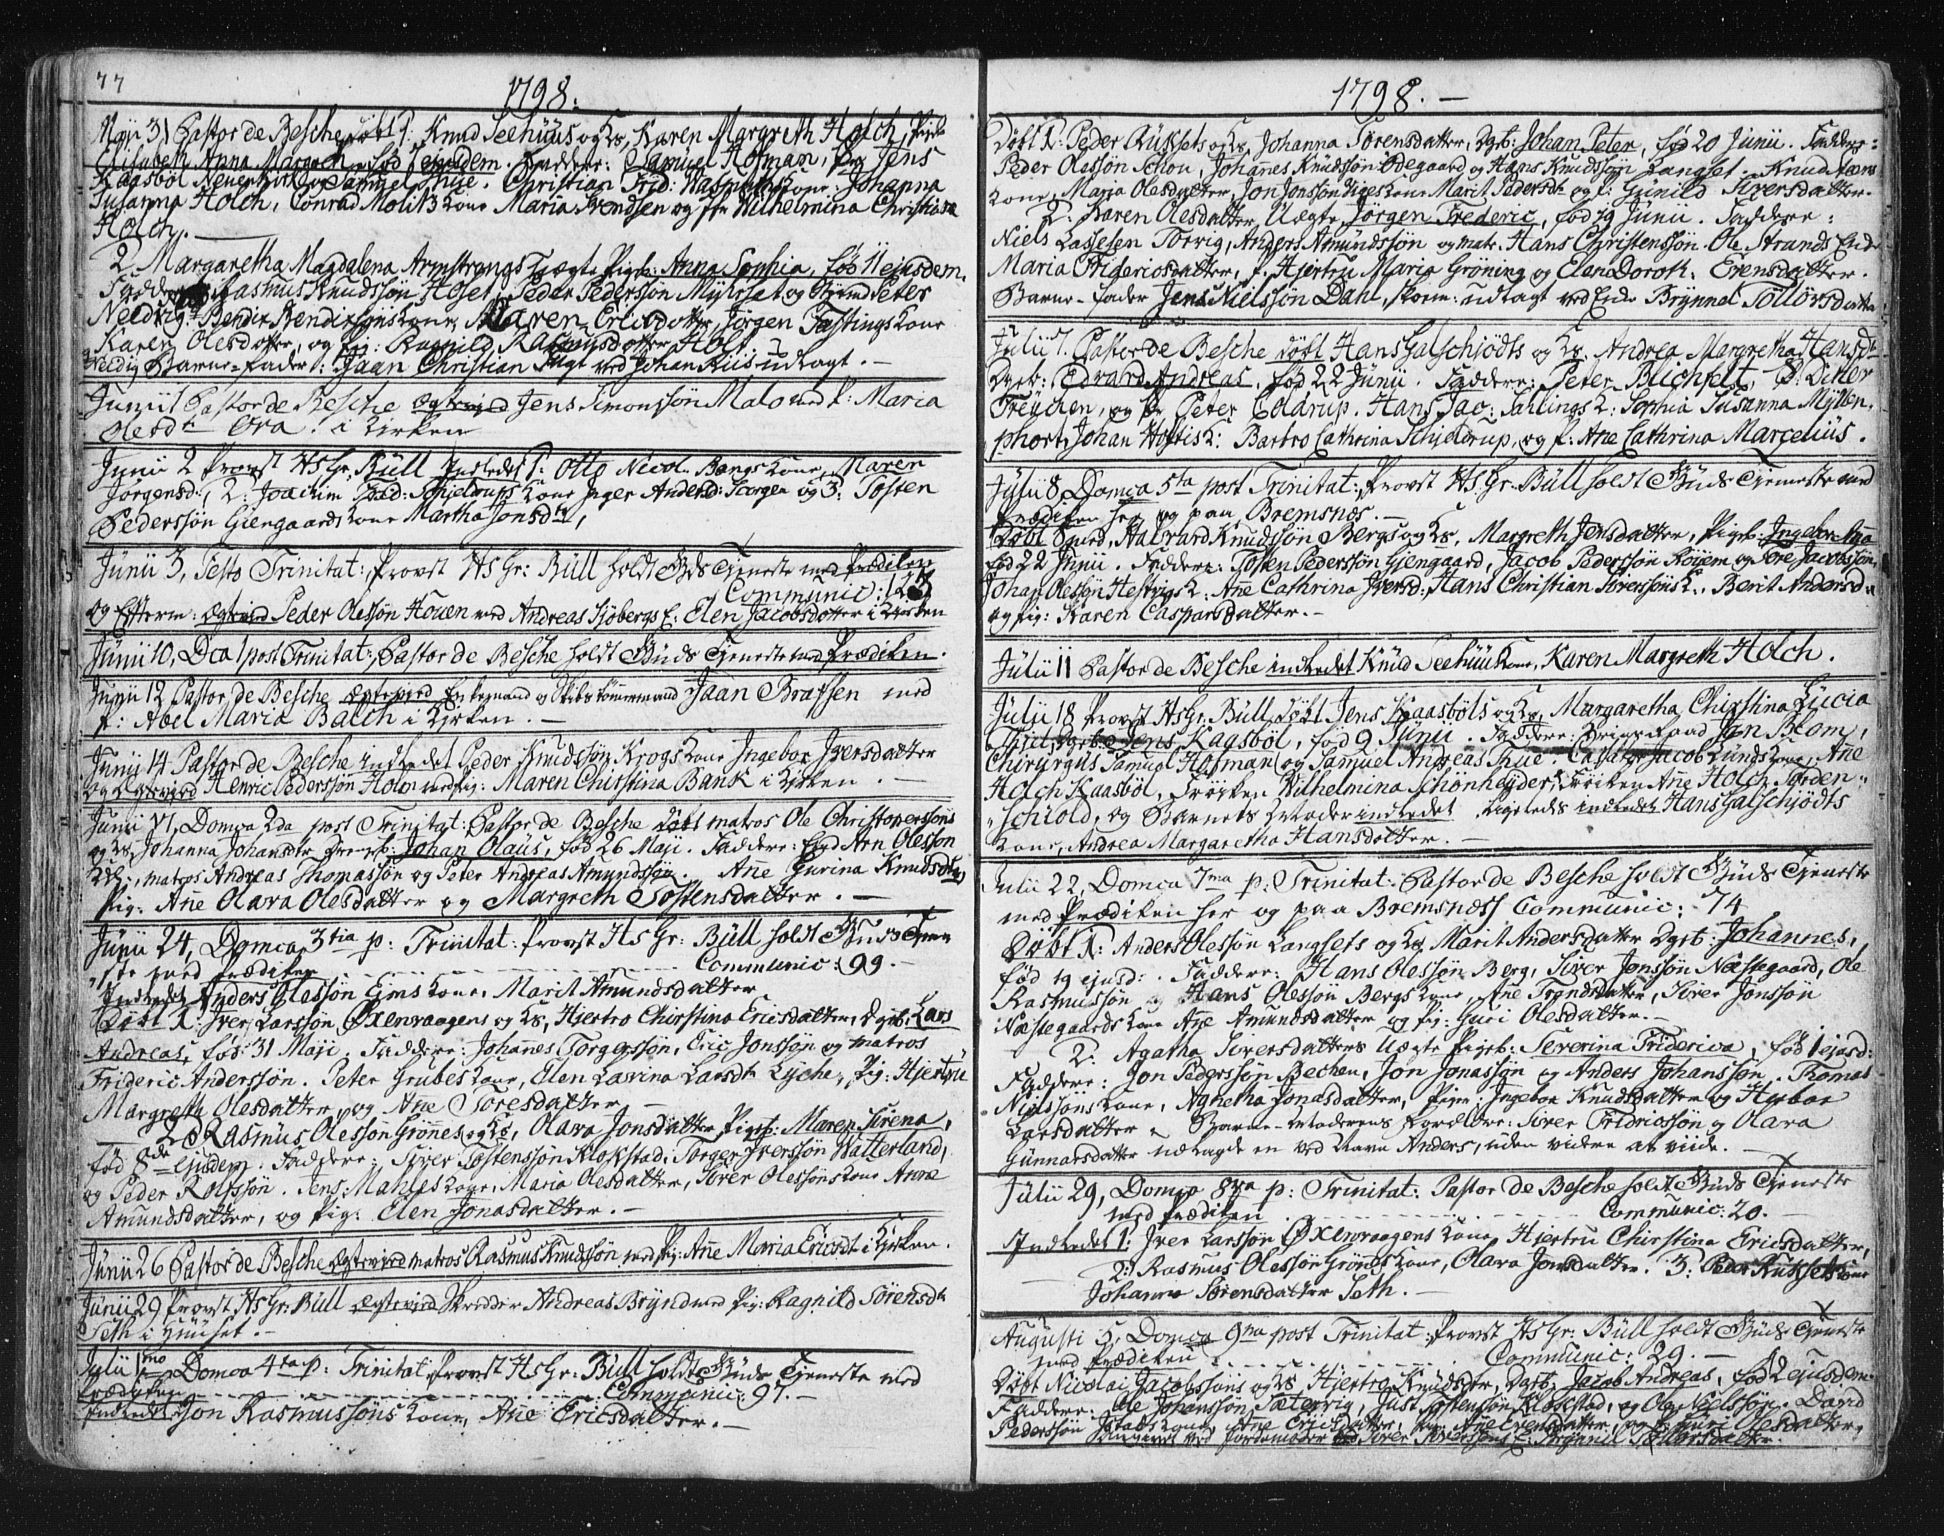 SAT, Ministerialprotokoller, klokkerbøker og fødselsregistre - Møre og Romsdal, 572/L0841: Ministerialbok nr. 572A04, 1784-1819, s. 77